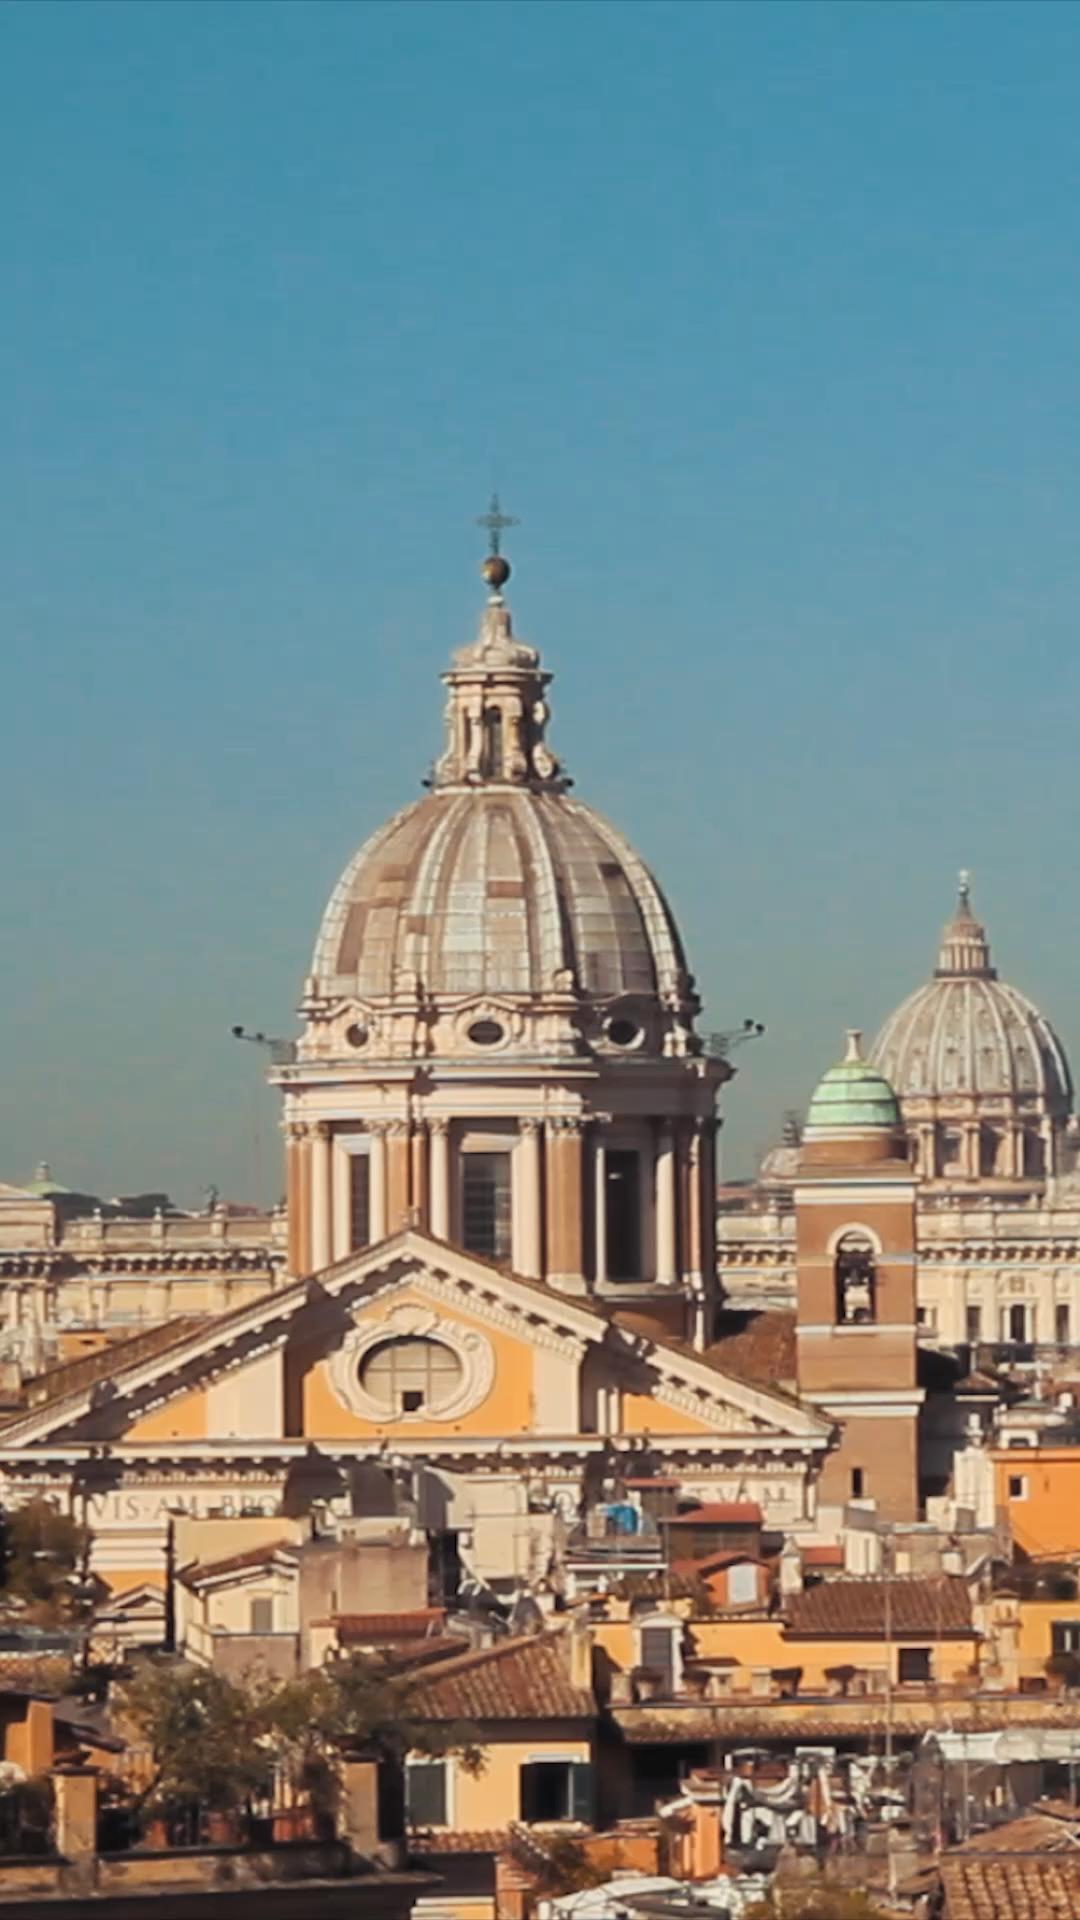 Confira as melhores atrações de roma, roteiro do que fazer em 2,3 e 4 dias. Onde ficar, como comprar ingresso, como visitar o Coliseu e Vaticano...  #italia #roma #viagem